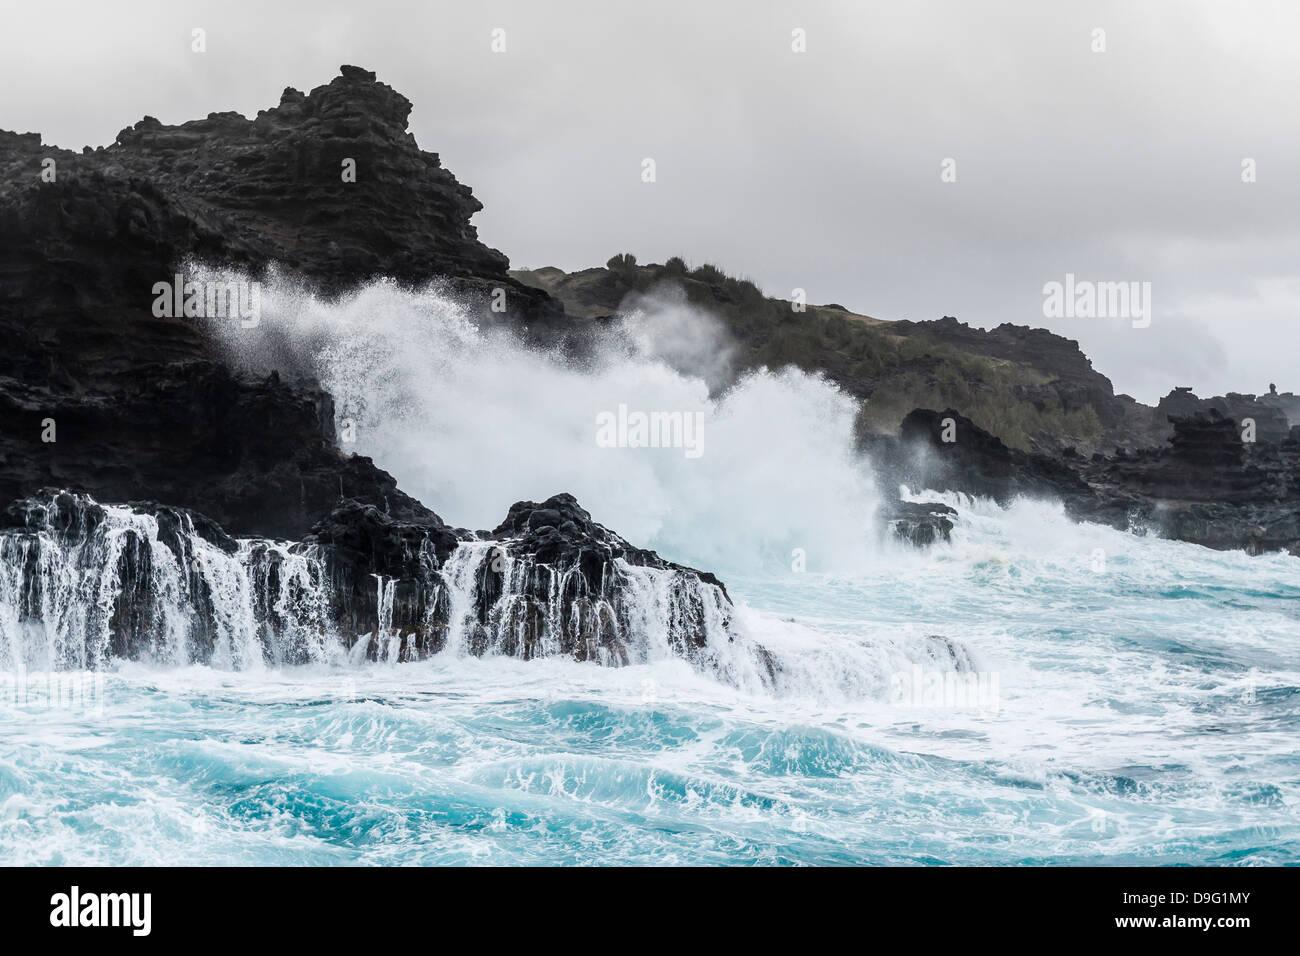 Huge surf at the Olivine Pools on the northwest coast of West Maui, Hawaii, United States of America - Stock Image